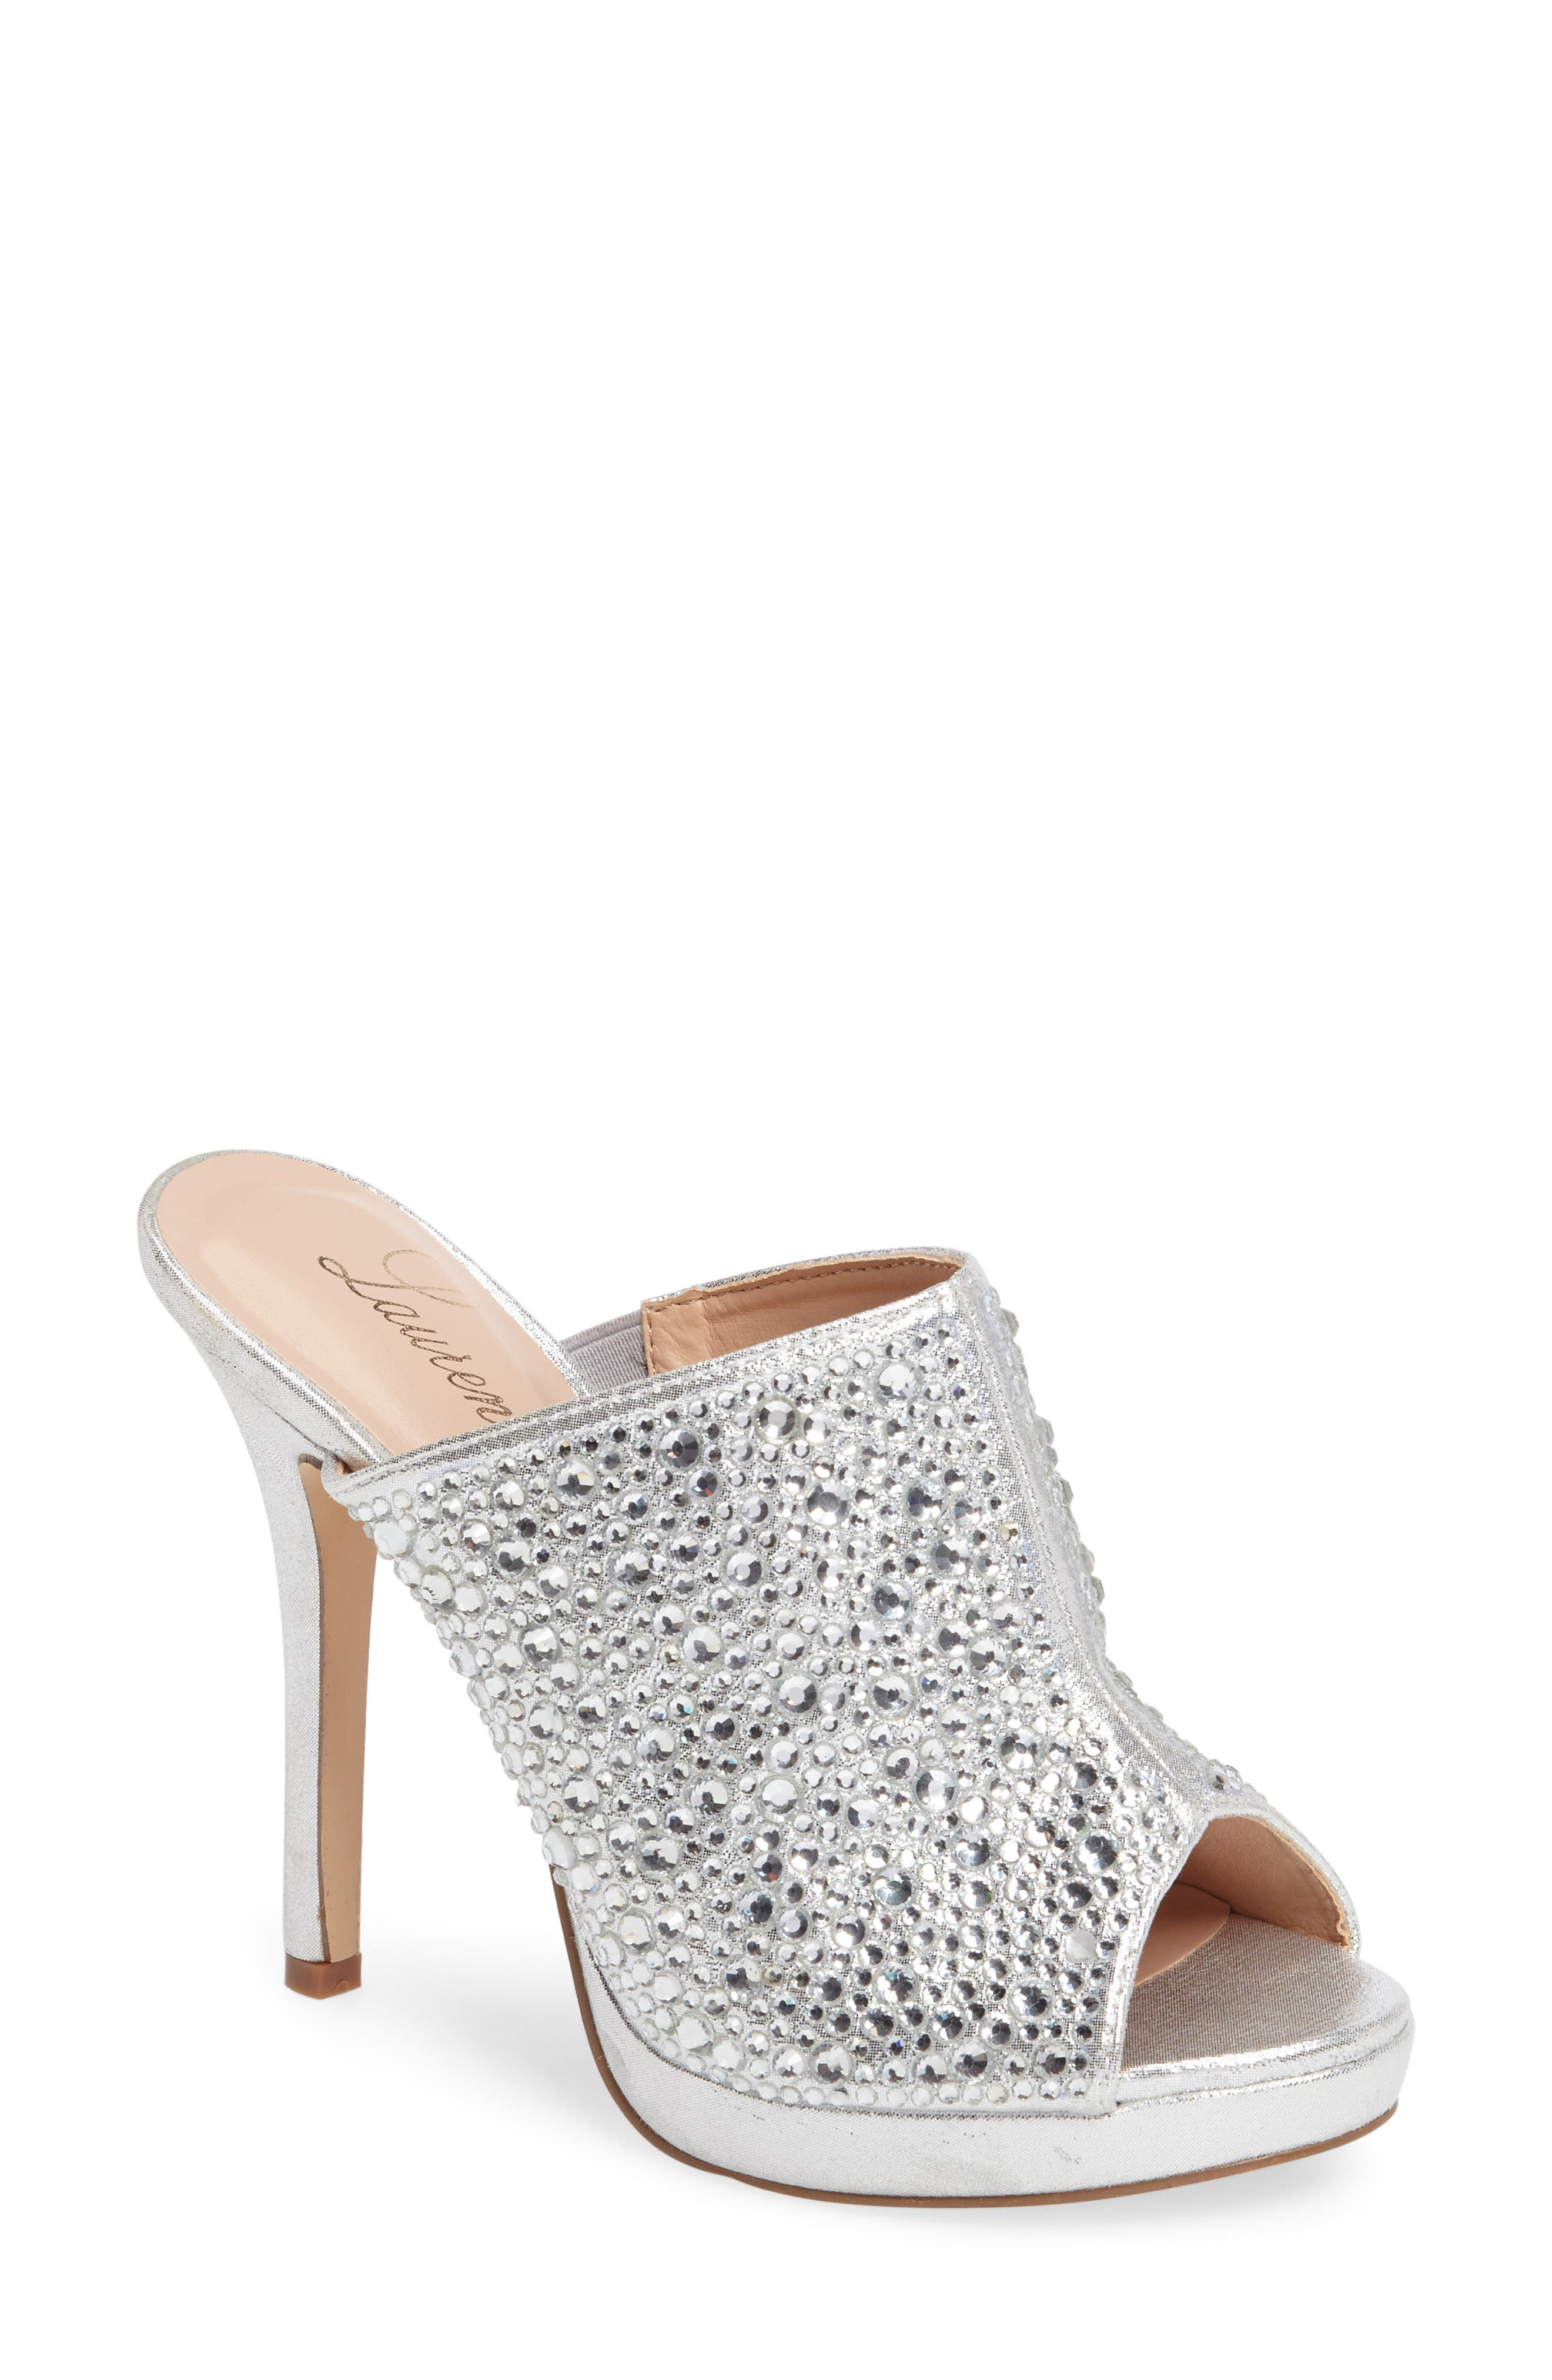 Lauren Lorraine Mimi Embellished Slide Sandal (Women)